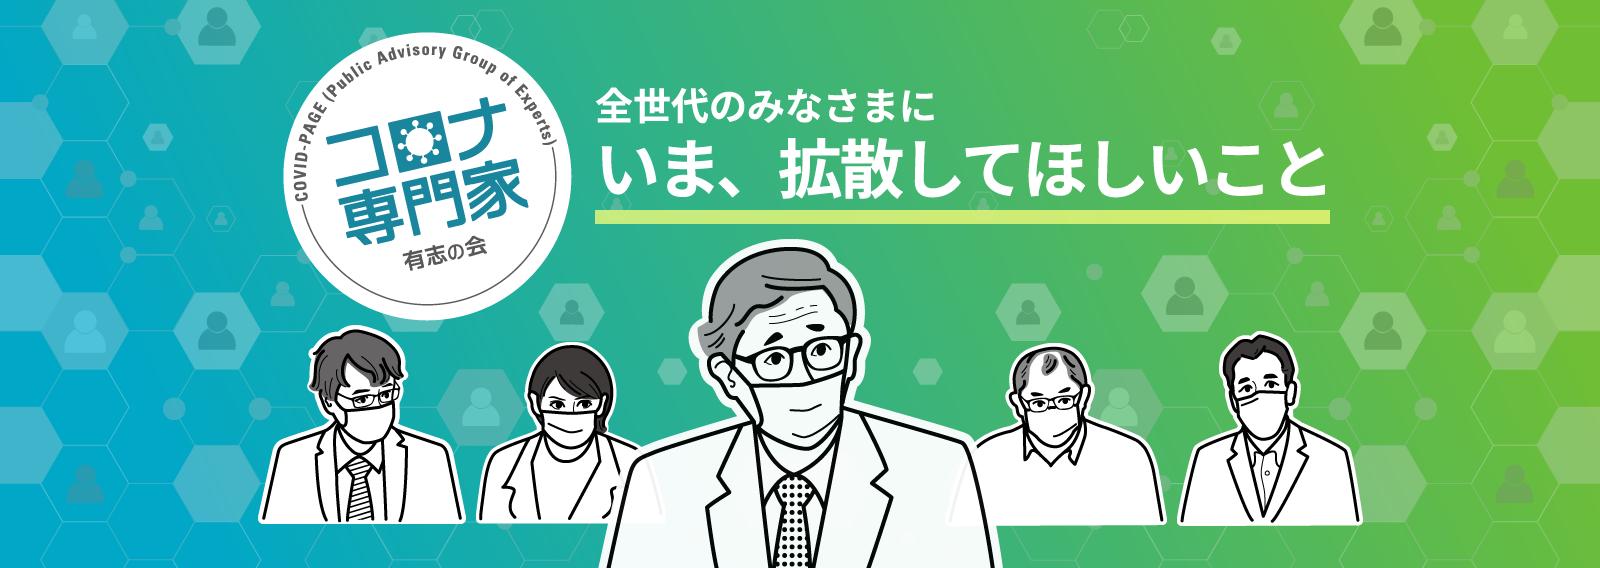 /stf/linecorp/ja/pr/yuushinokai.png